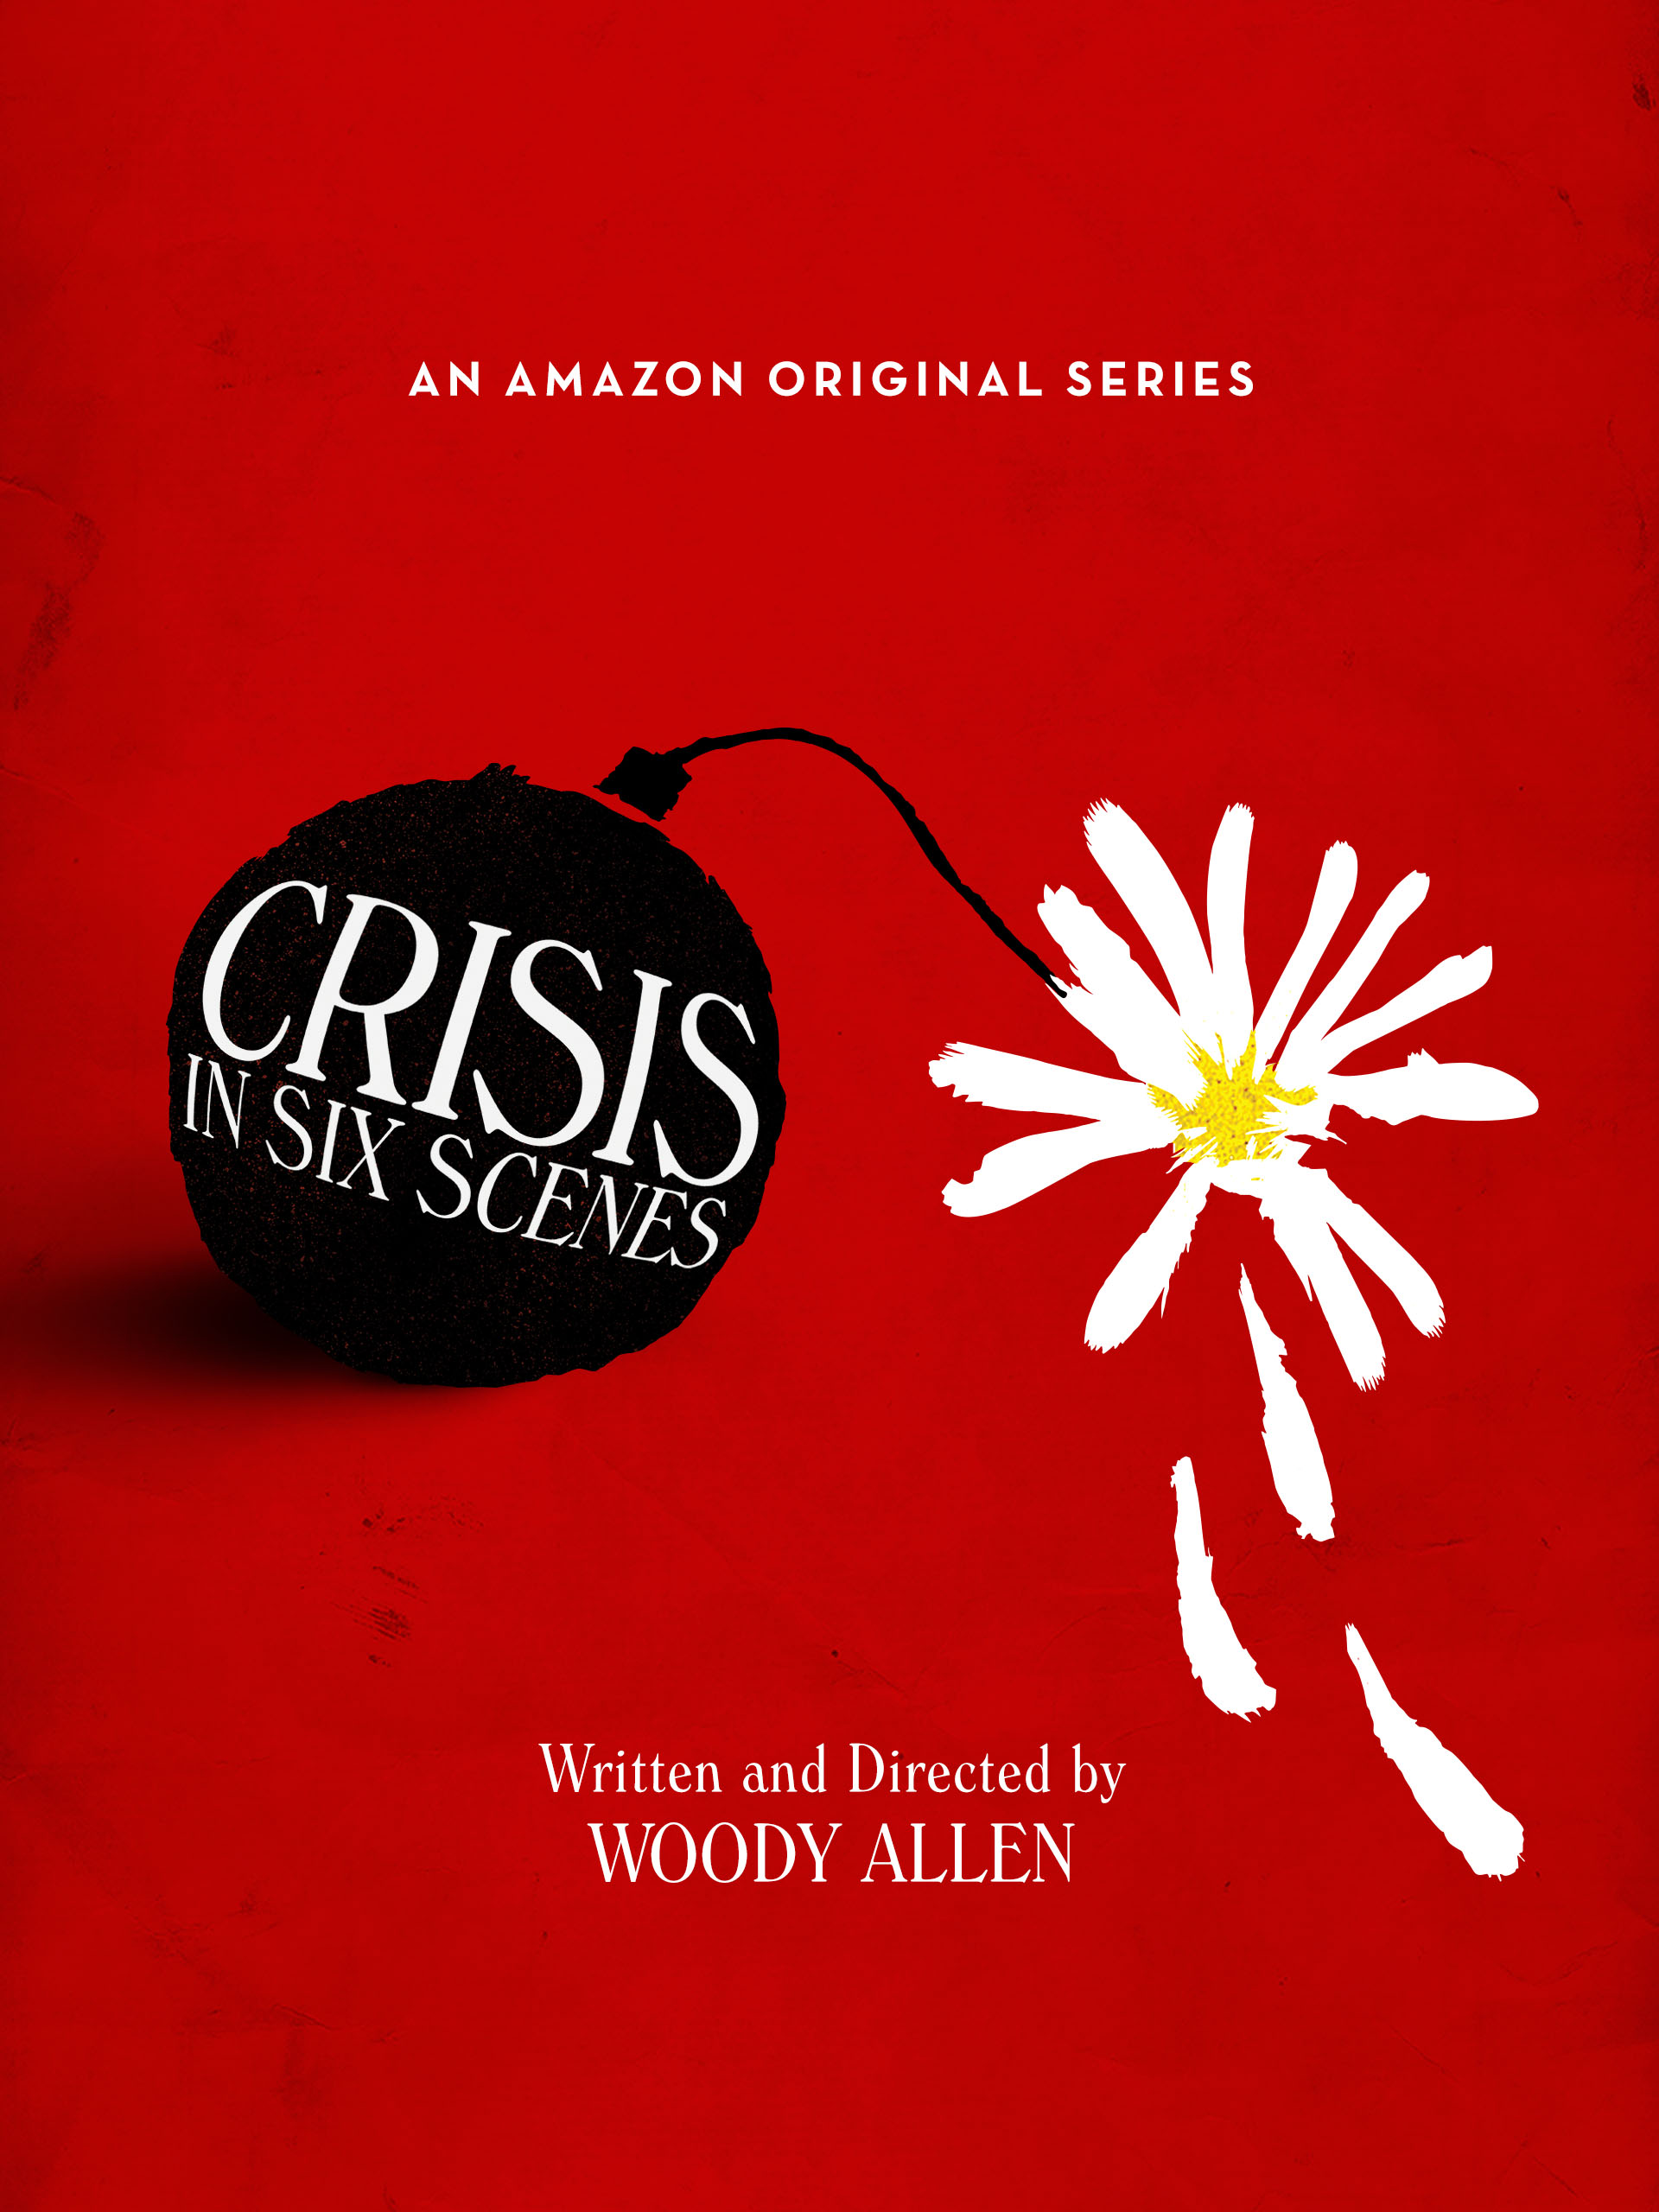 Crisis in Six Scenes Completa Espa&ntildeol Disponible